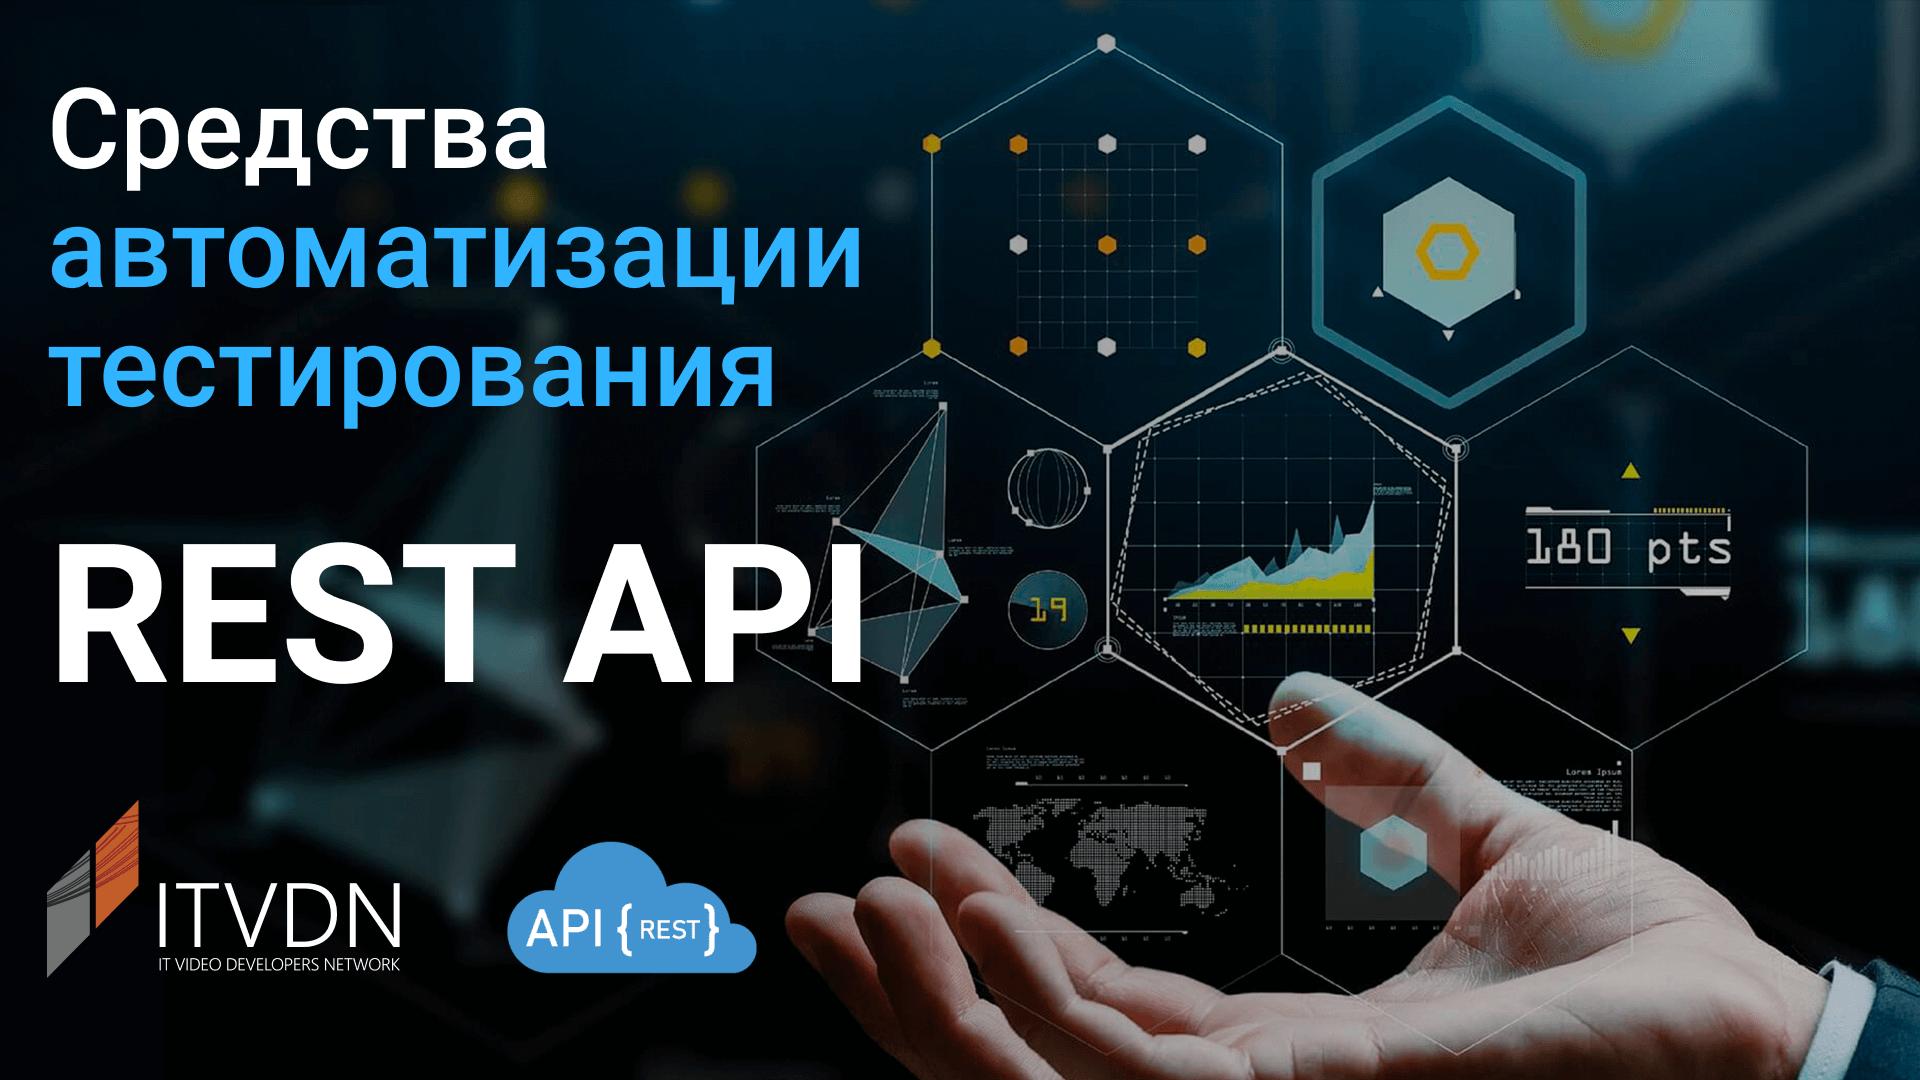 Средства автоматизации тестирования REST API